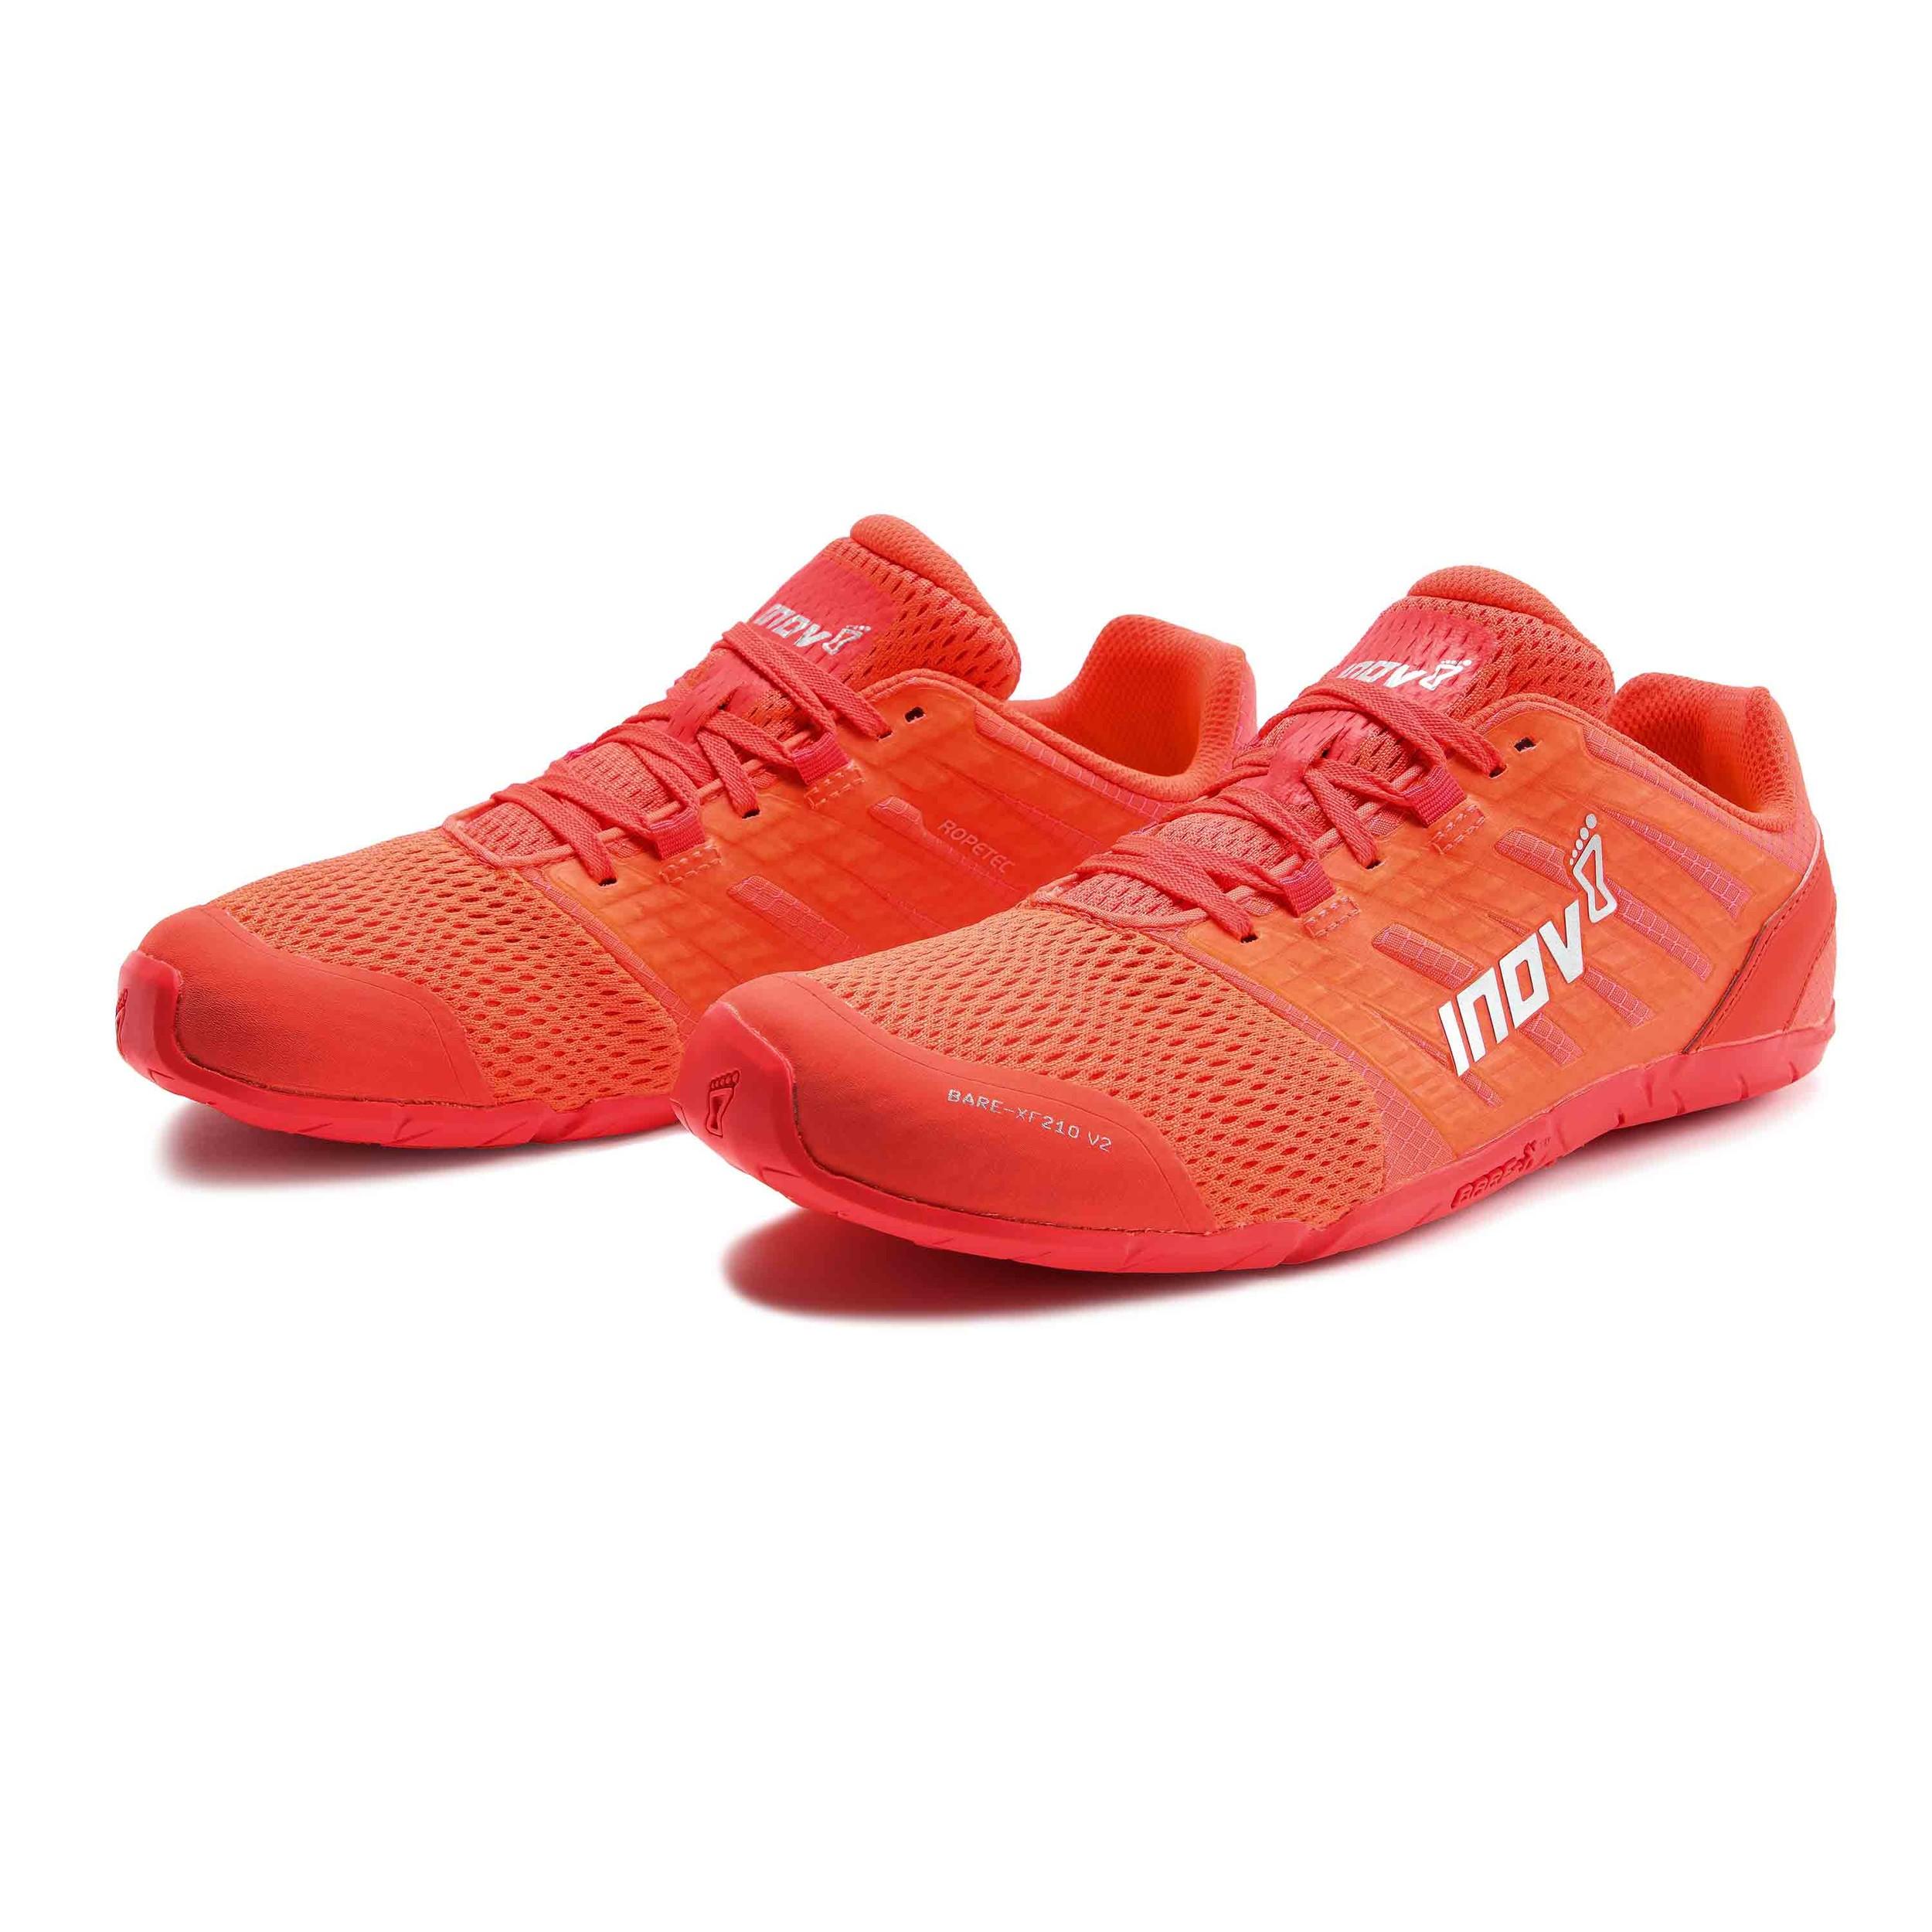 Inov8 Womens Bare Xf 210 V2 Training Gym Fitness Shoes Orange Sports Ebay